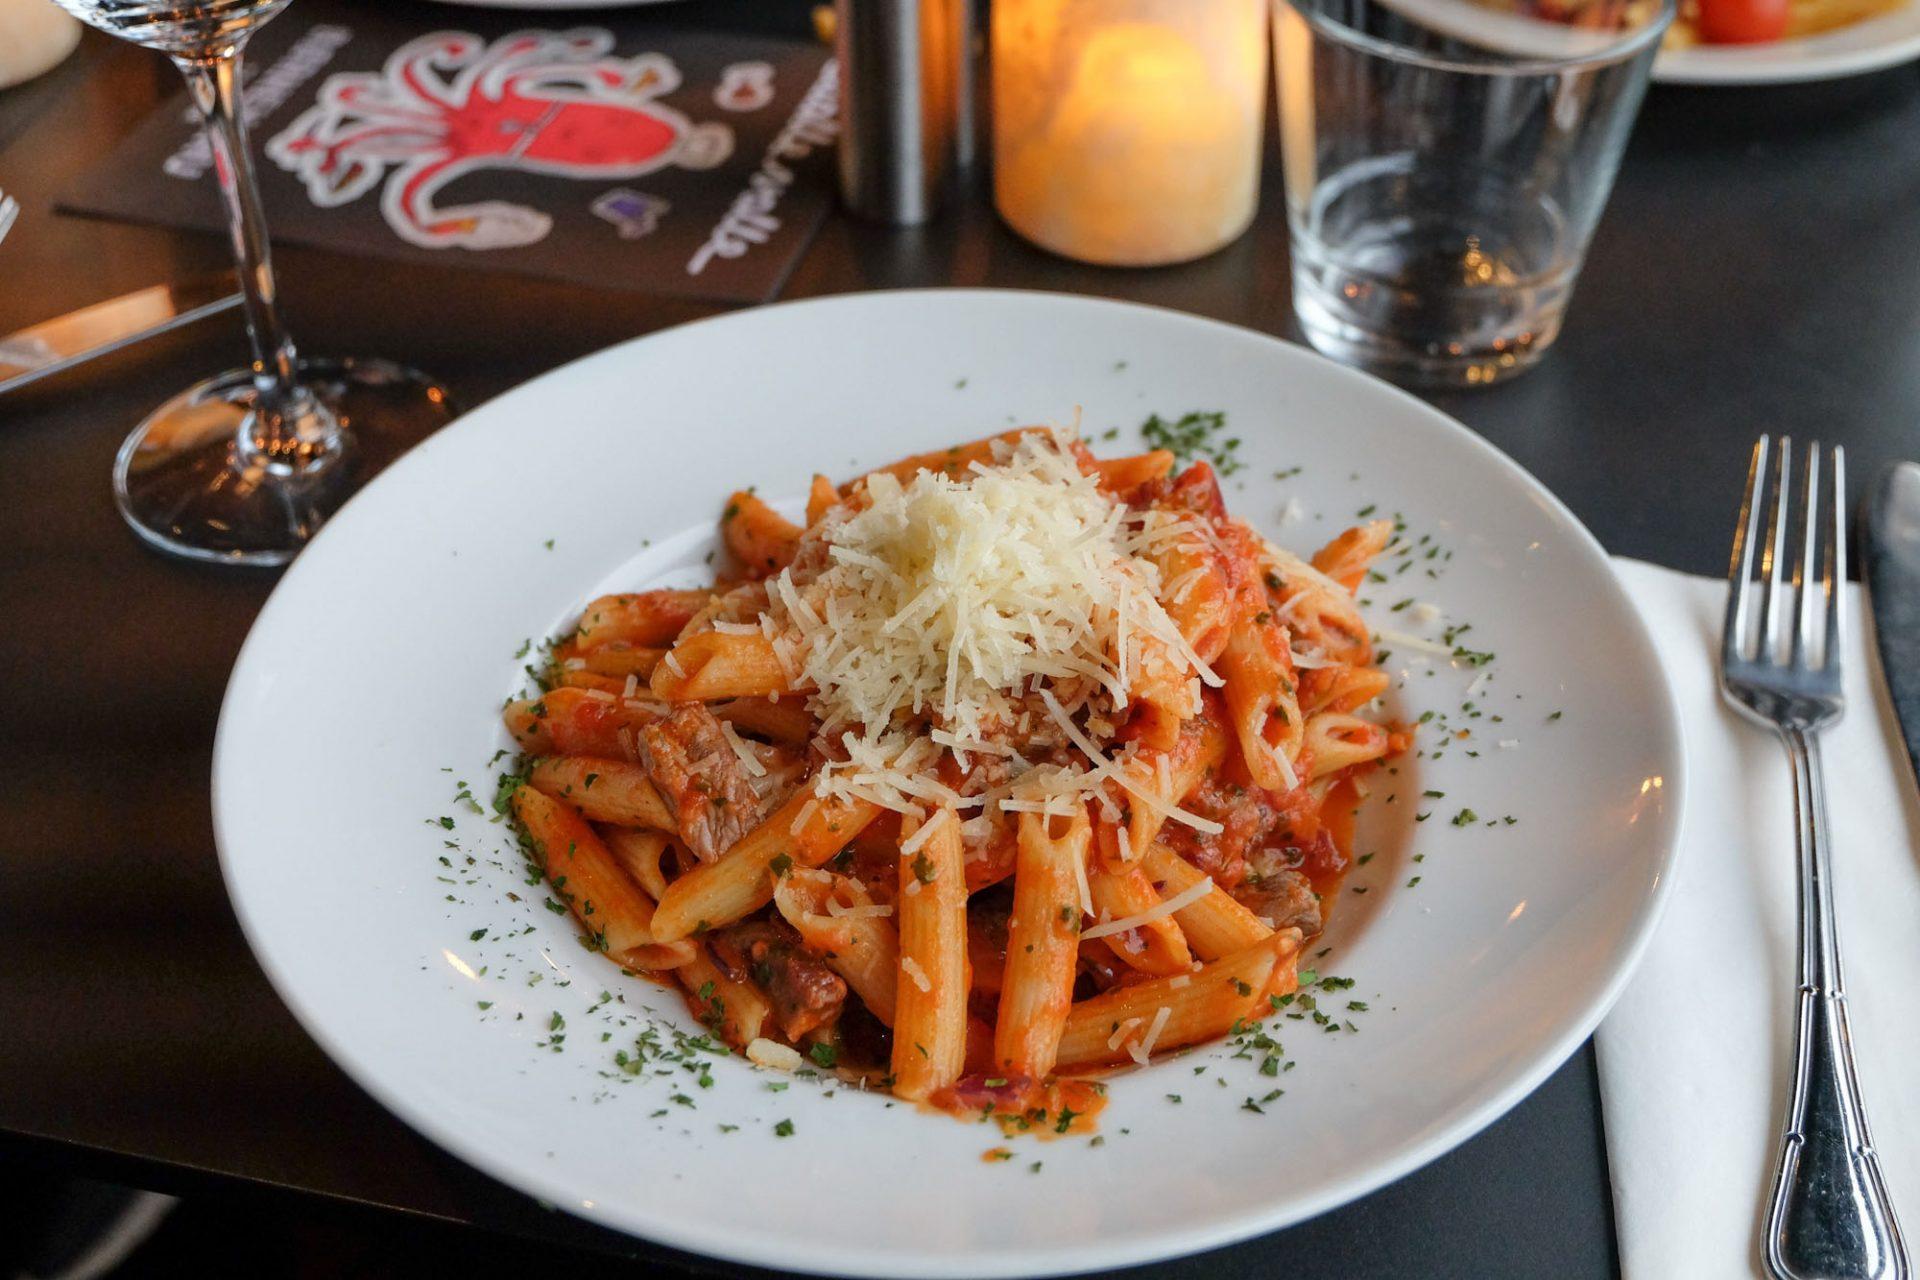 Madanmeldelse: Lavprismiddag på familierestauranten Dalle Valle